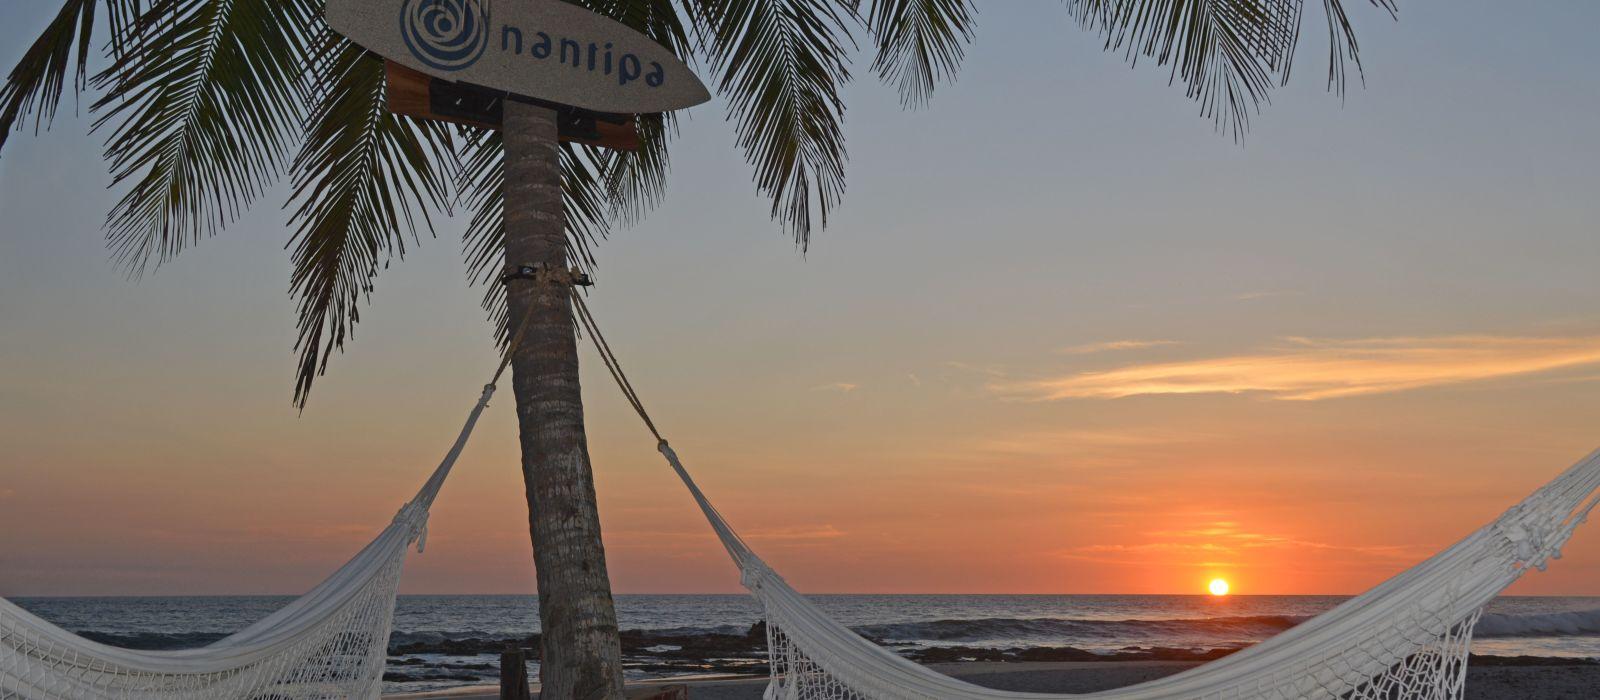 Hotel Nantipa  Costa Rica